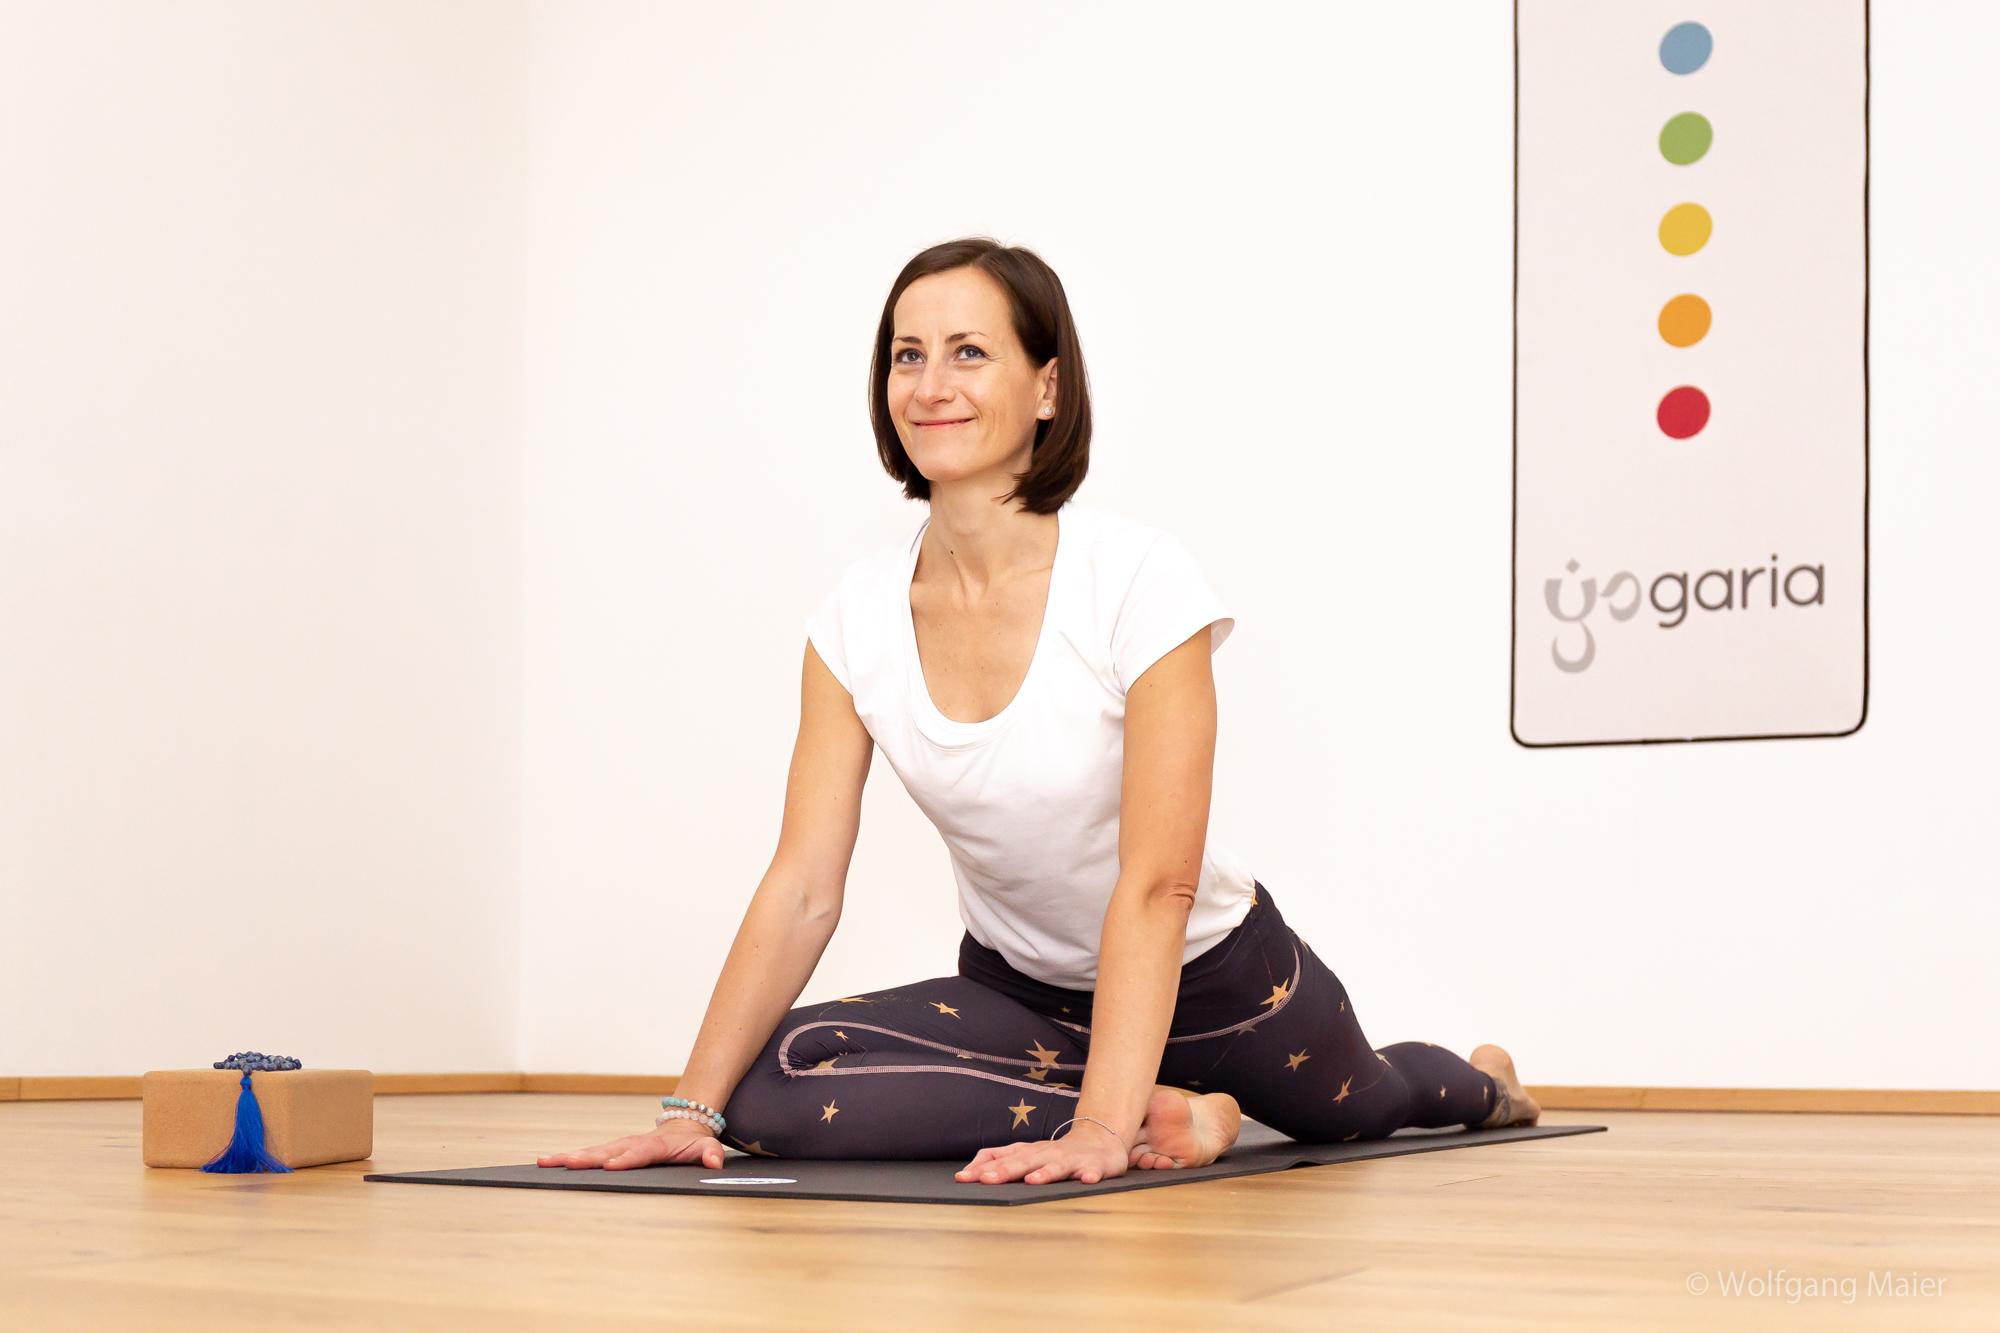 Klaudia in der Yogapose Taube auf der Yogamatte im Yogaraum der Yogaria, dahinter sieht man das Wandbild der Yogaria mit den 7 Chakra-Farben